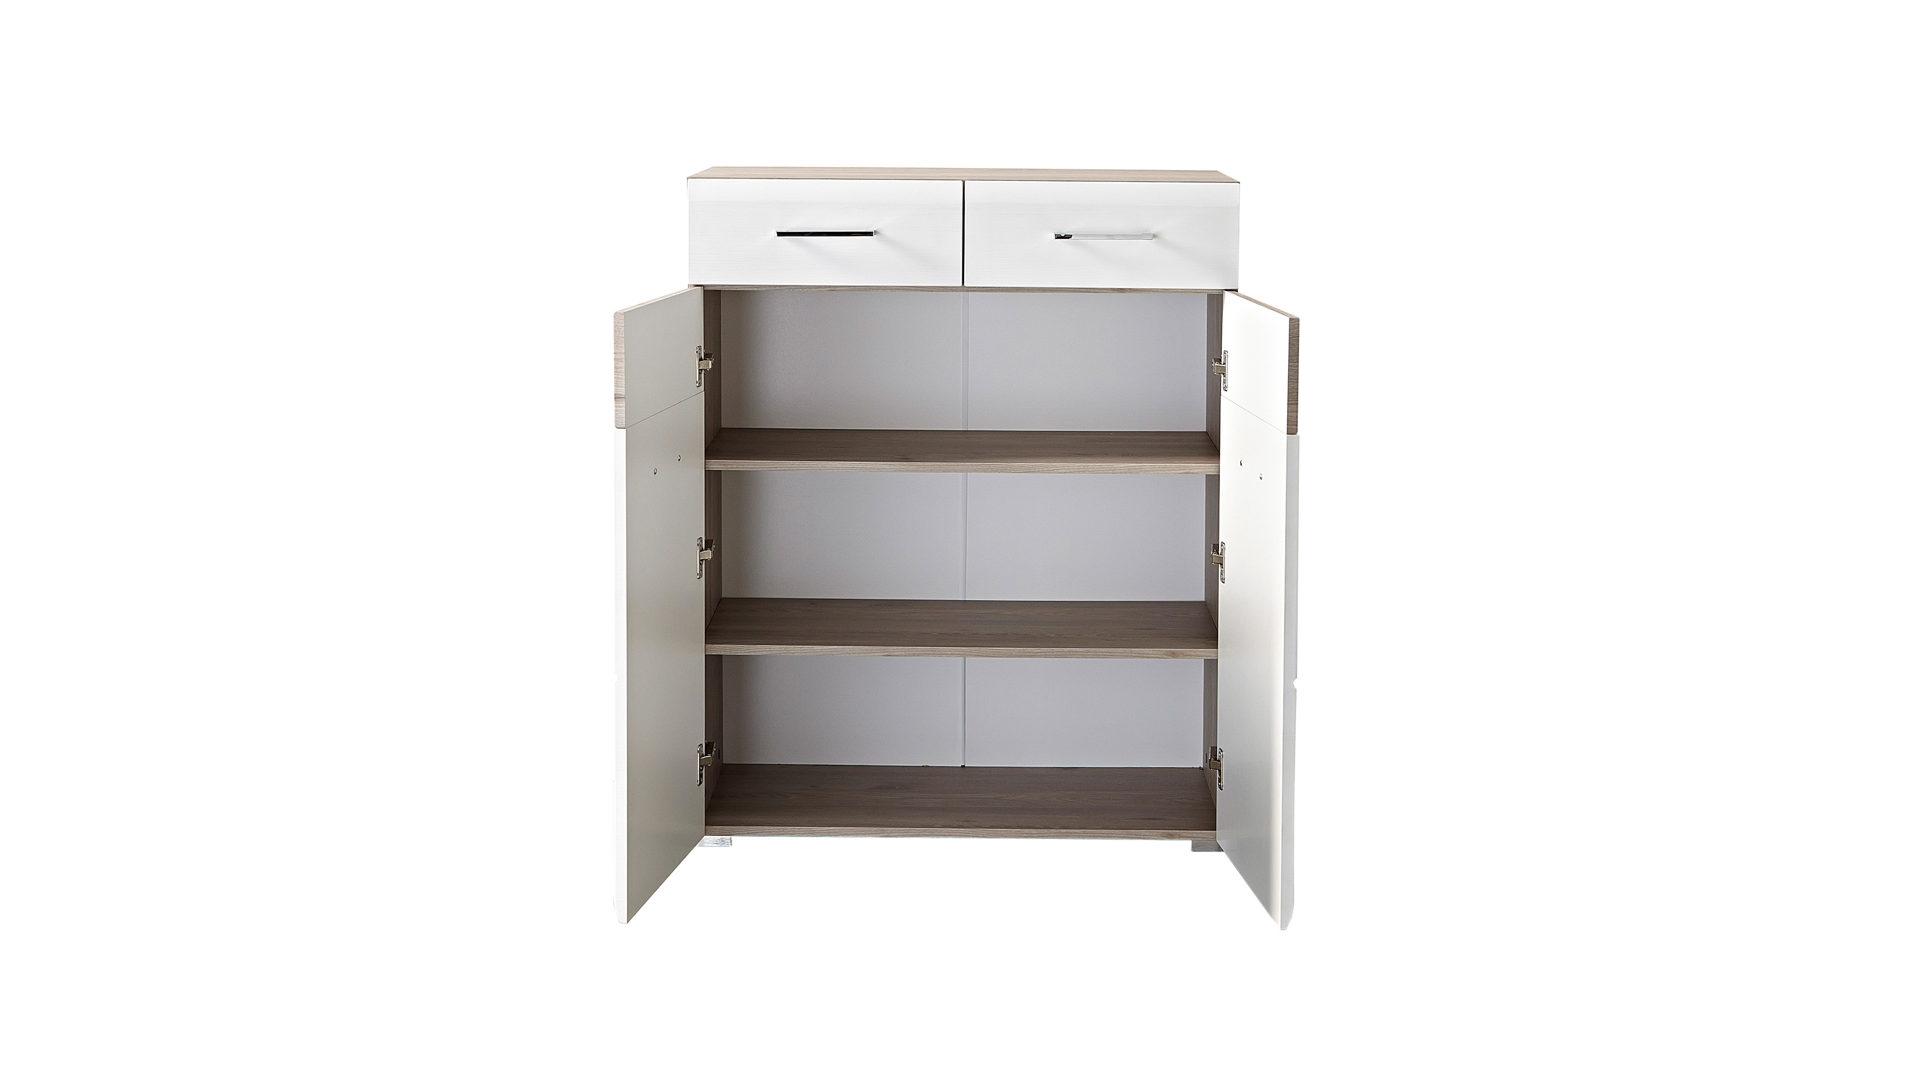 Möbel Bohn Crailsheim | Räume | Flur + Diele | Garderoben ...